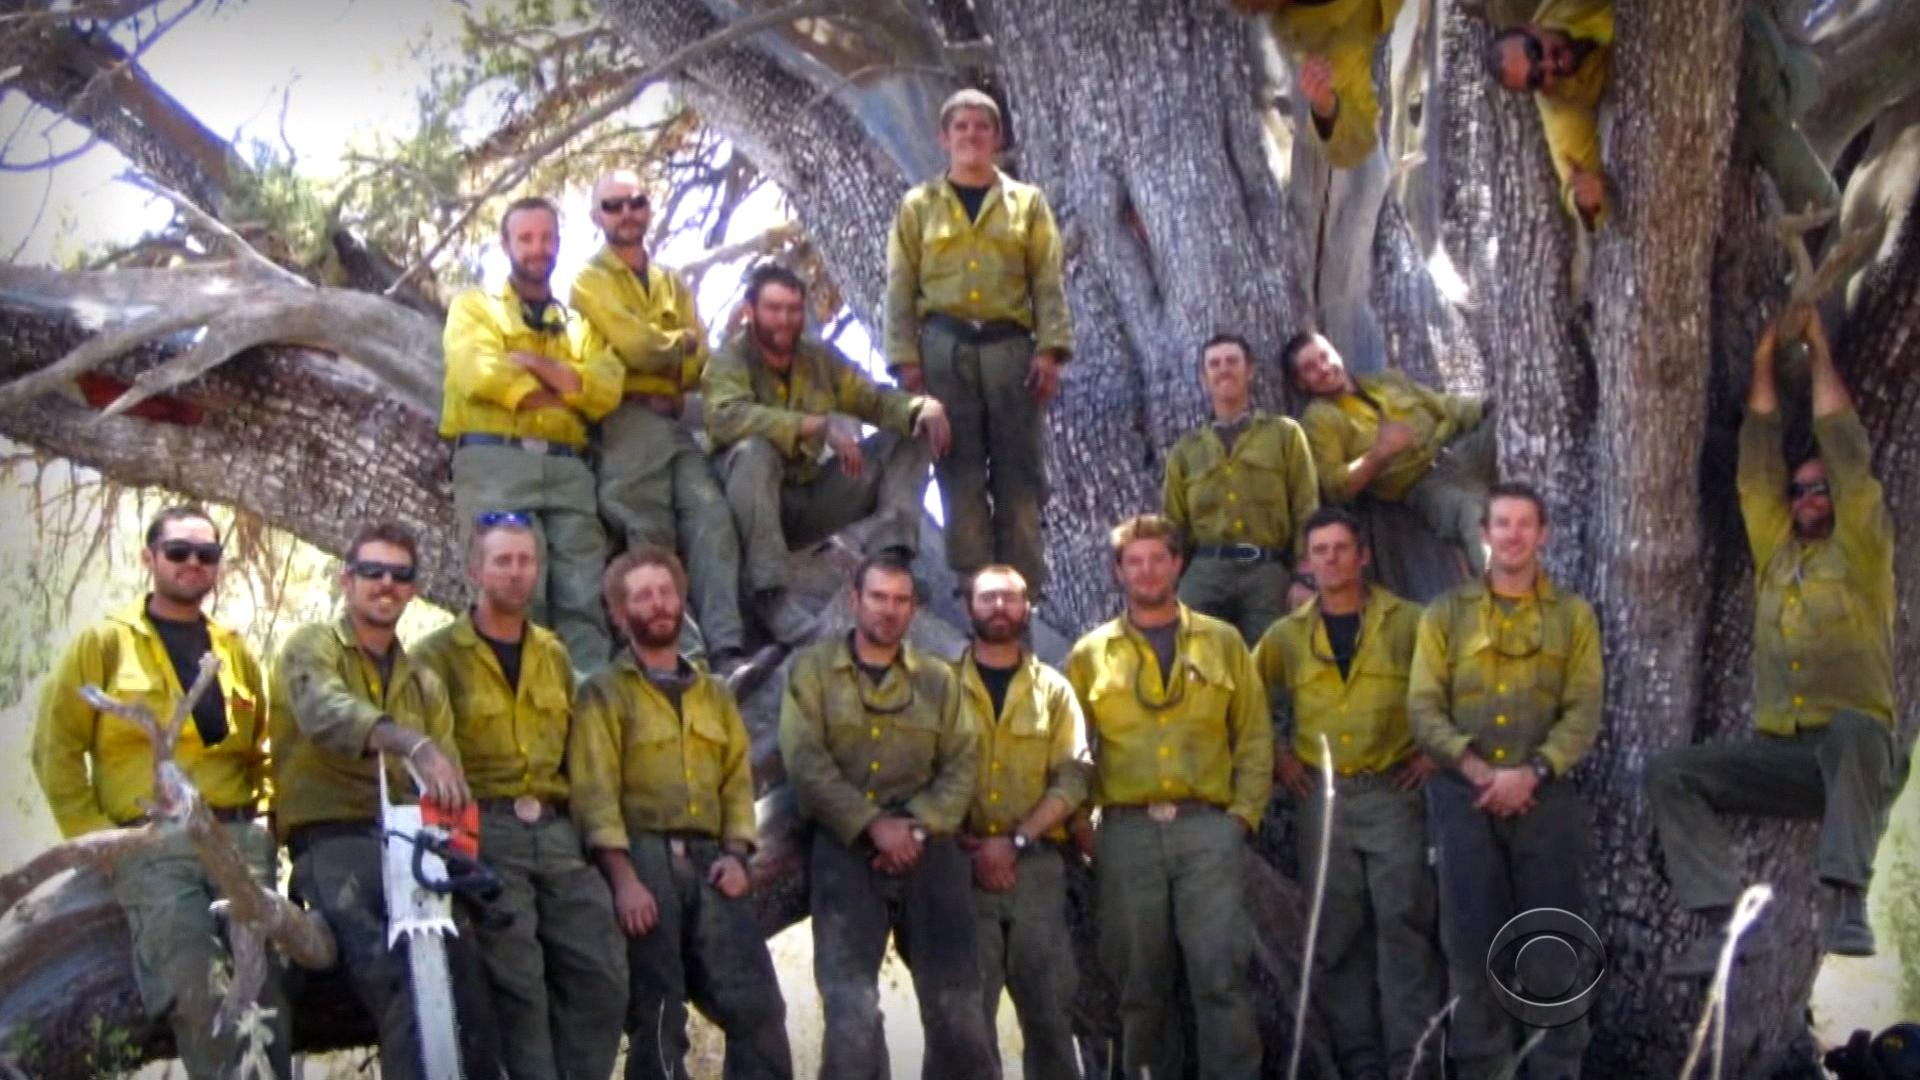 Texas firefighter dies battling wildfire - CBS News